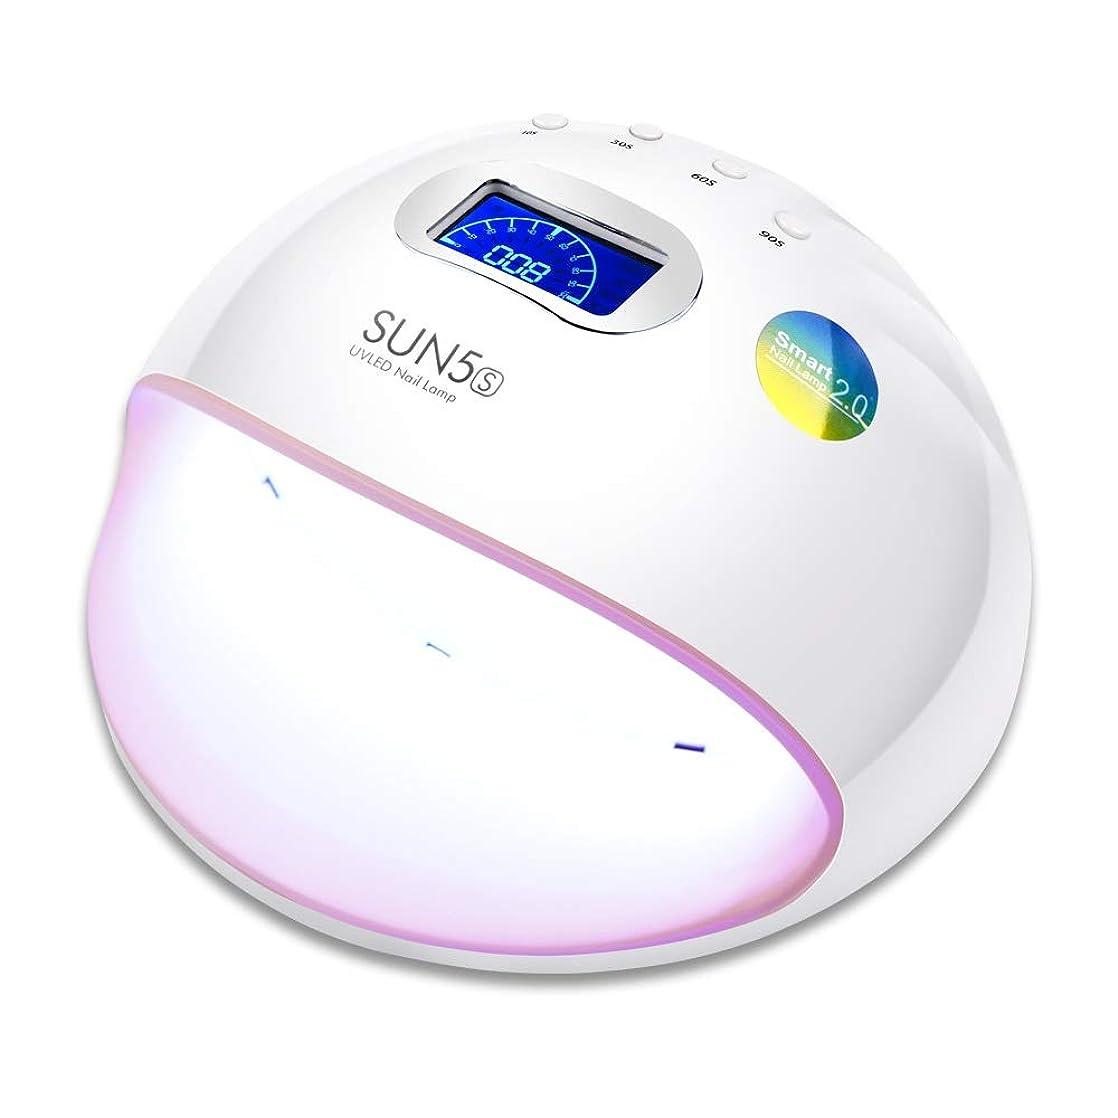 どきどき引き受ける夢中ZHQI-NAIL Ledネイルランプuvランプネイルドライヤー用オールゲルポリッシュマニキュア液晶ディスプレイサンライト赤外線タイマー (色 : White/Pink, Size : US plug)